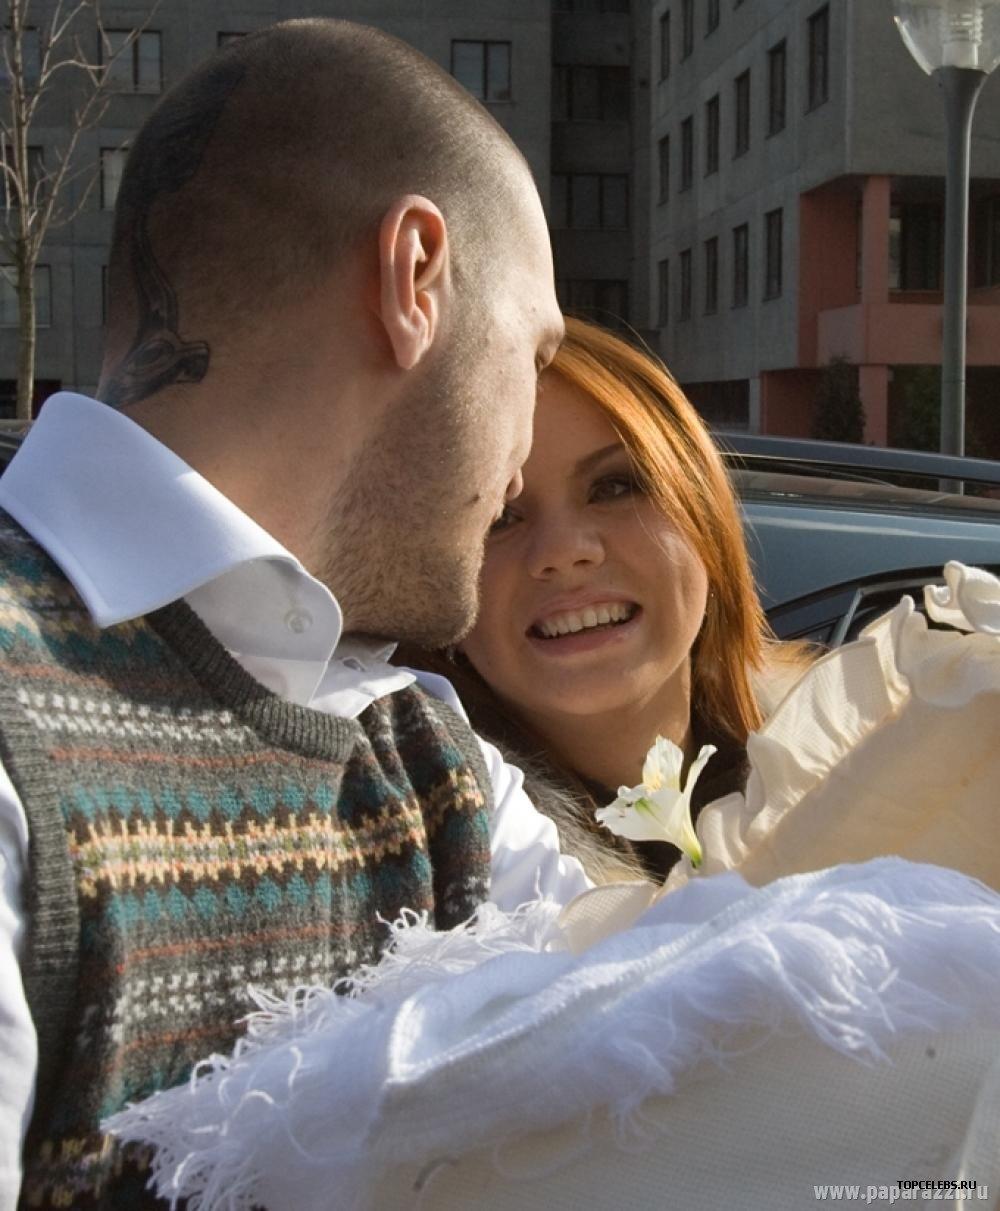 Певицы максим и ее свадьба фото